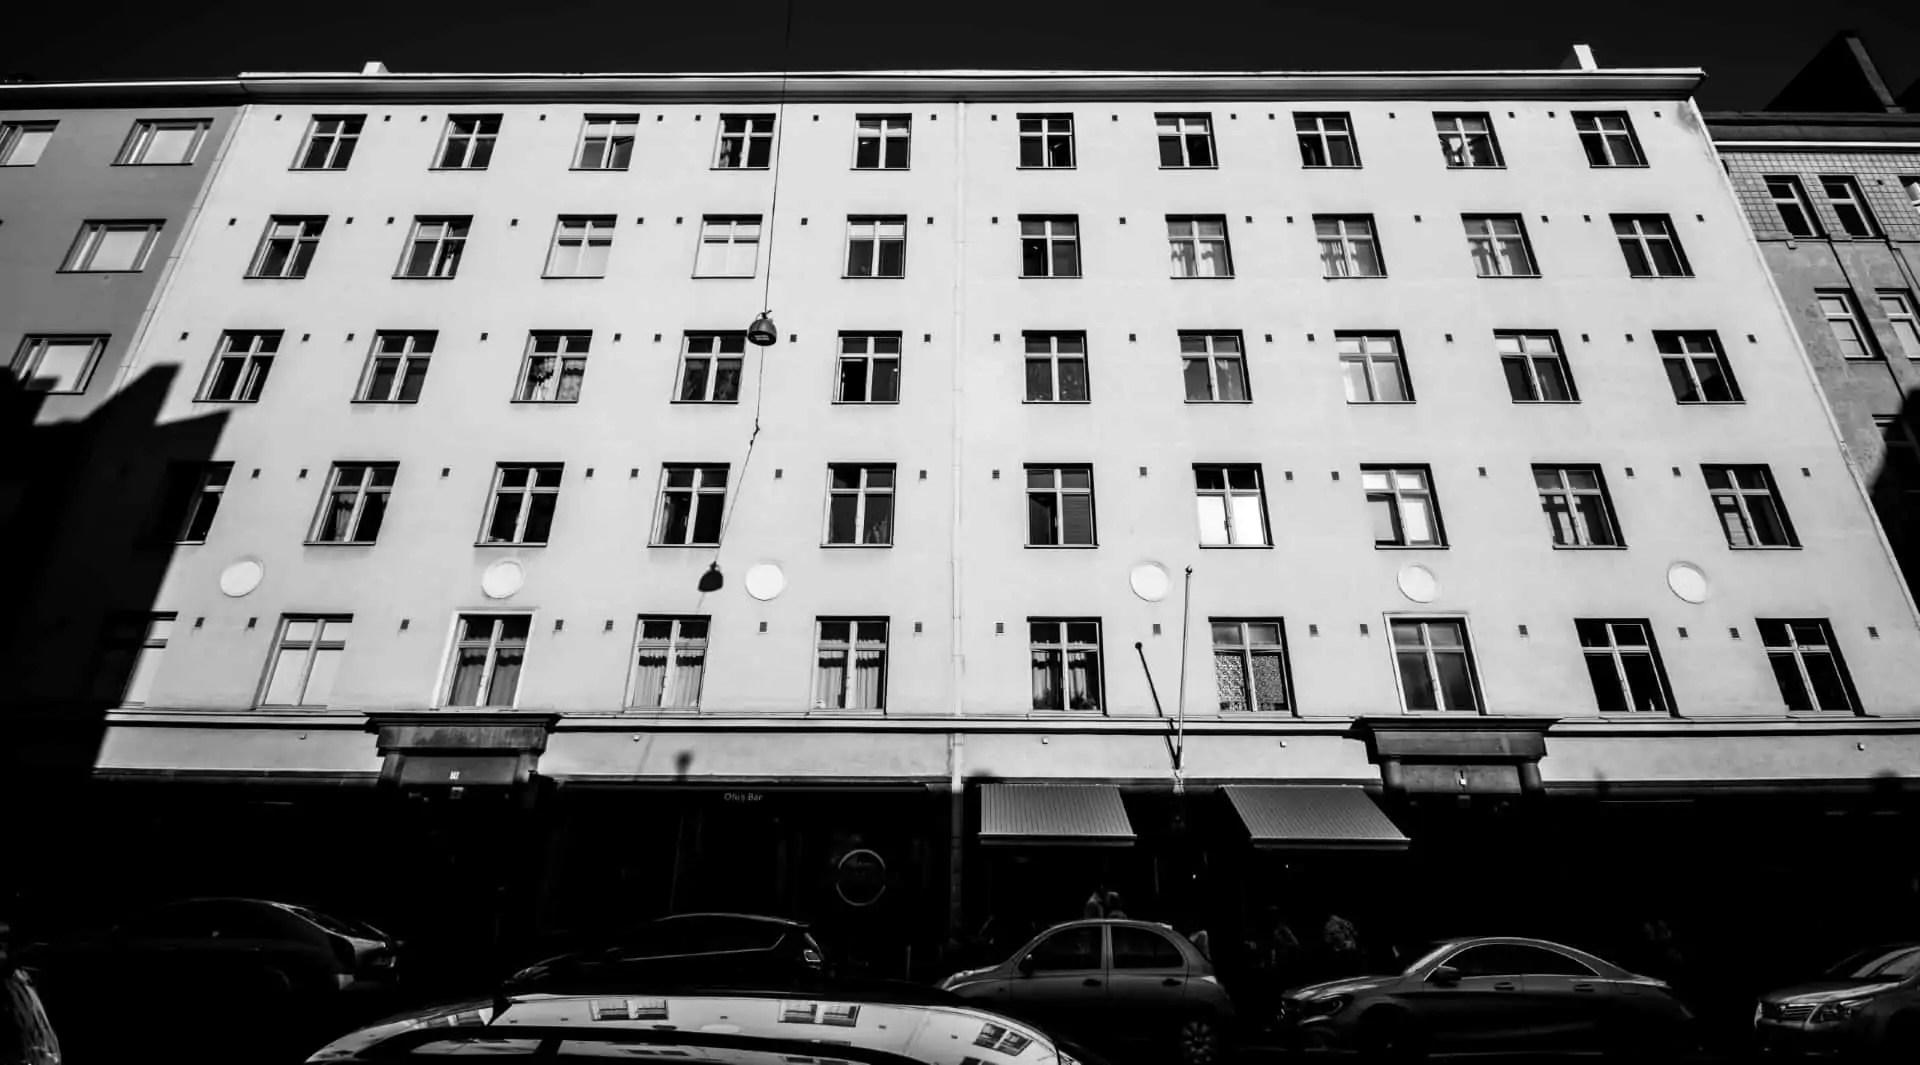 Helsinki w szerokim kadrze fotografia 10mm Canon 10 18 mm 2019 37 - Zasady kompozycji - przewodnik po 20 regułach